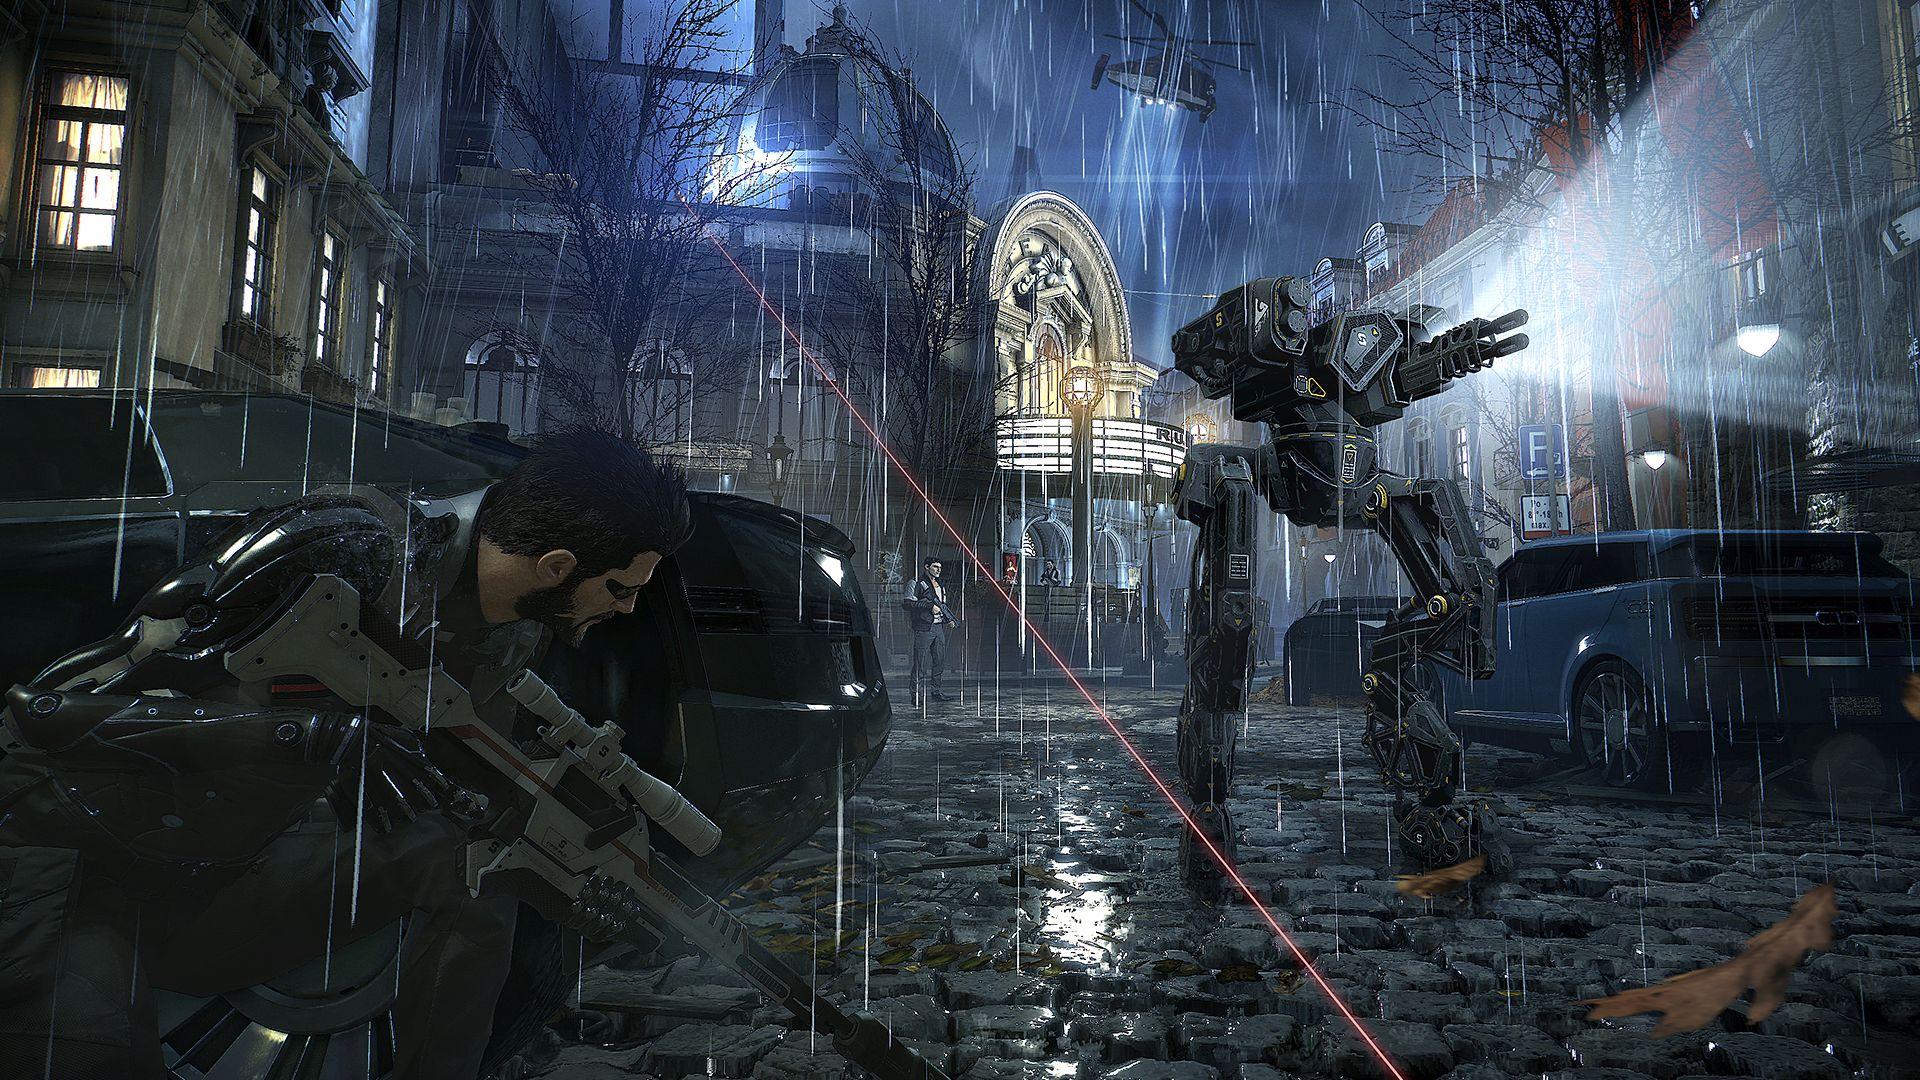 Série Deus Ex není uložena k ledu, již se spřádají plány na pokračování 114691